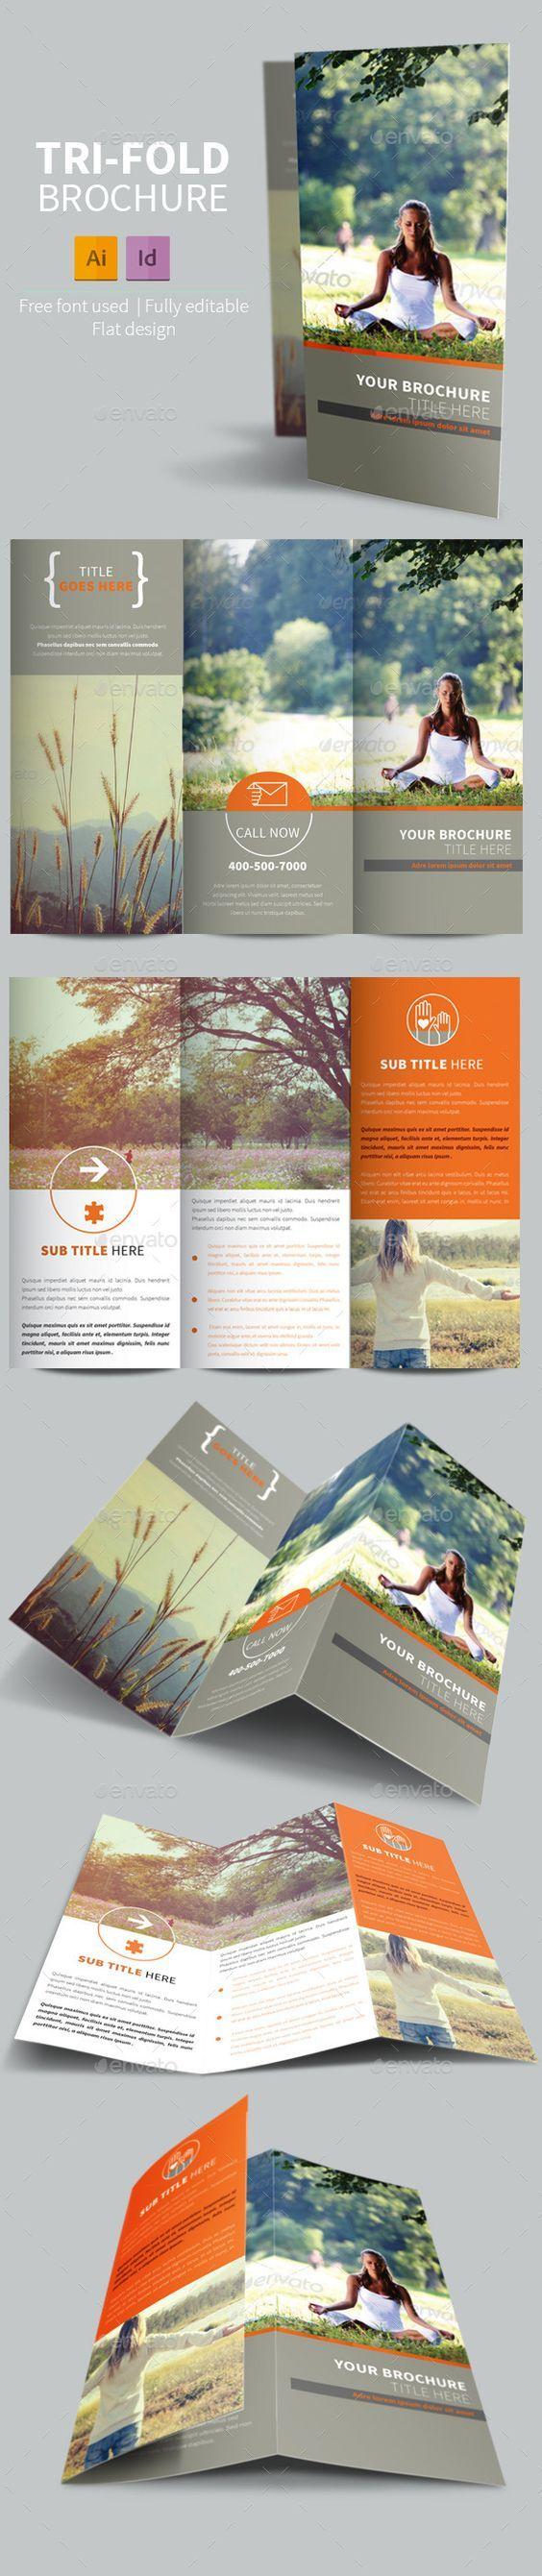 Vintage Relax Trifold Brochure #design Download: http://graphicriver.net/item/vintage-relax-trifold-brochure/11275175?ref=ksioks: